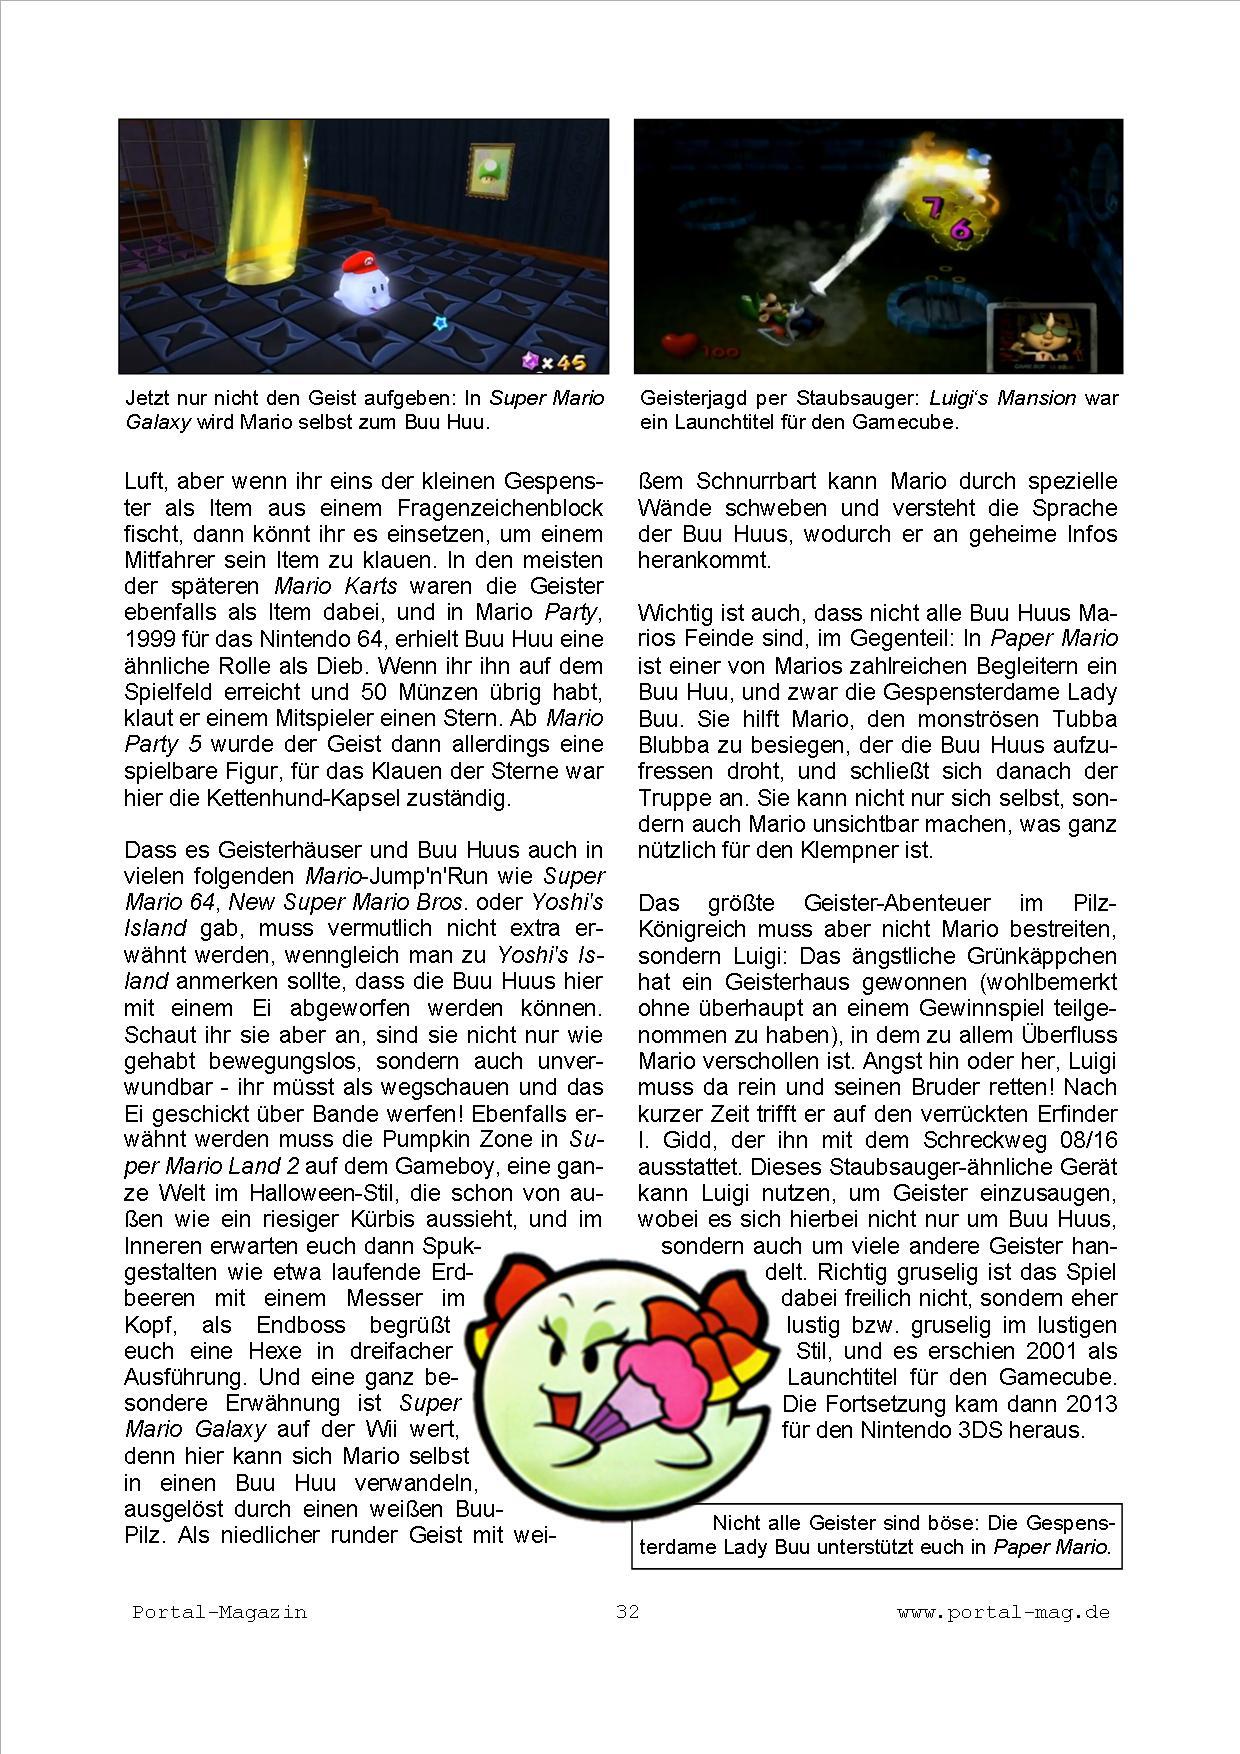 Ausgabe 32, Seite 32